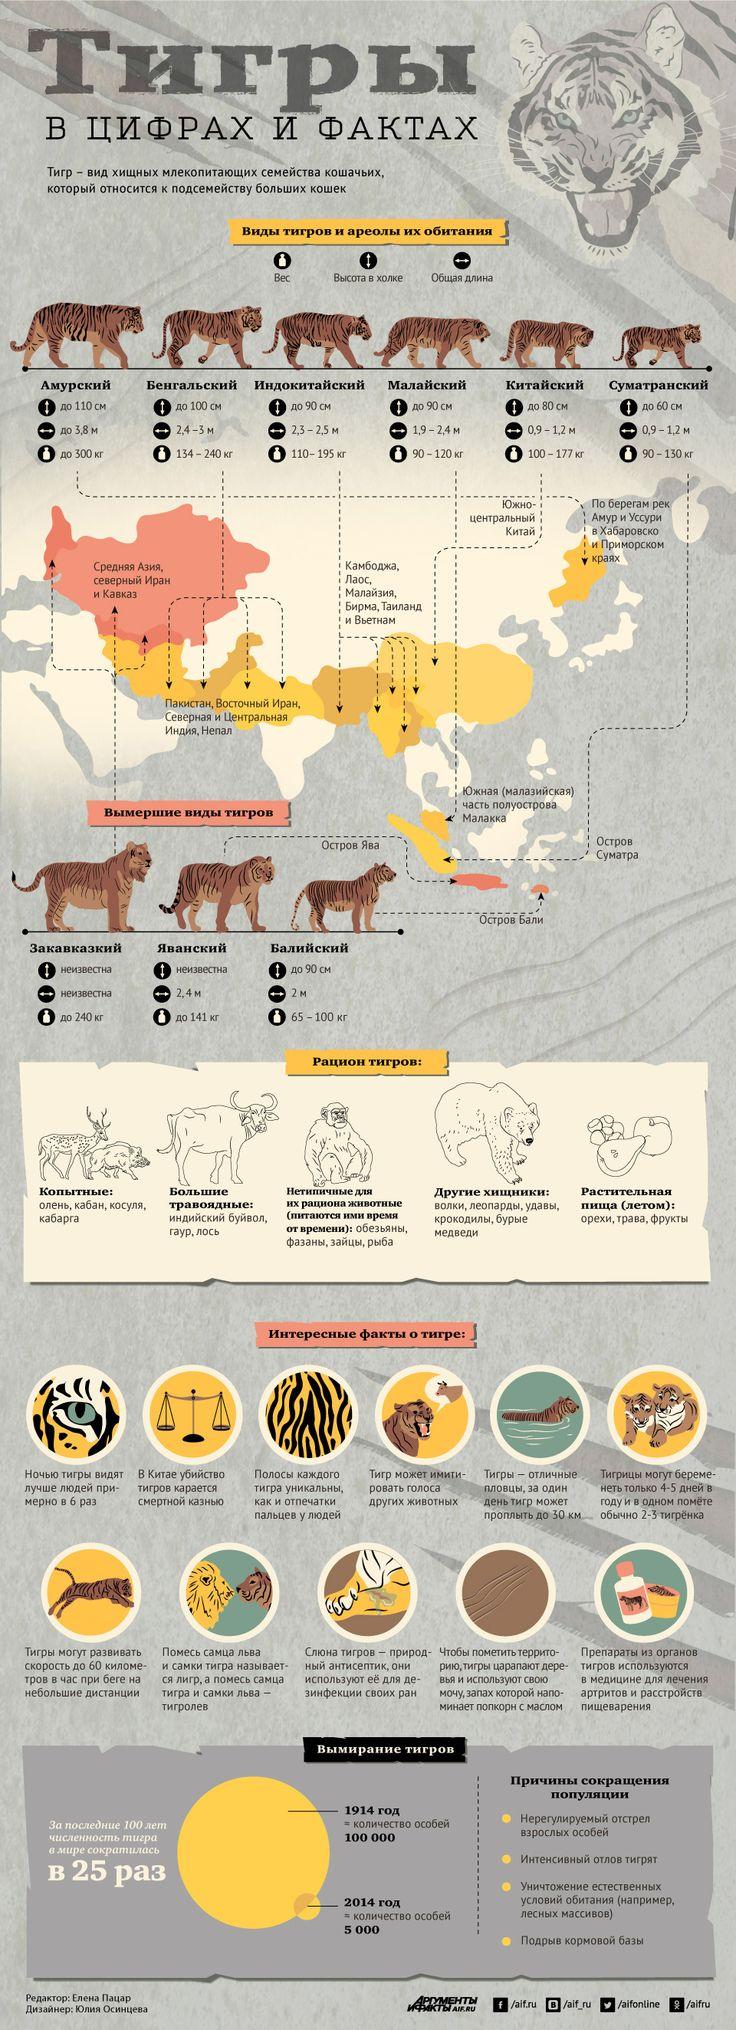 Тигры в цифрах и фактах. Инфографика | Инфографика | Вопрос-Ответ | Аргументы и…